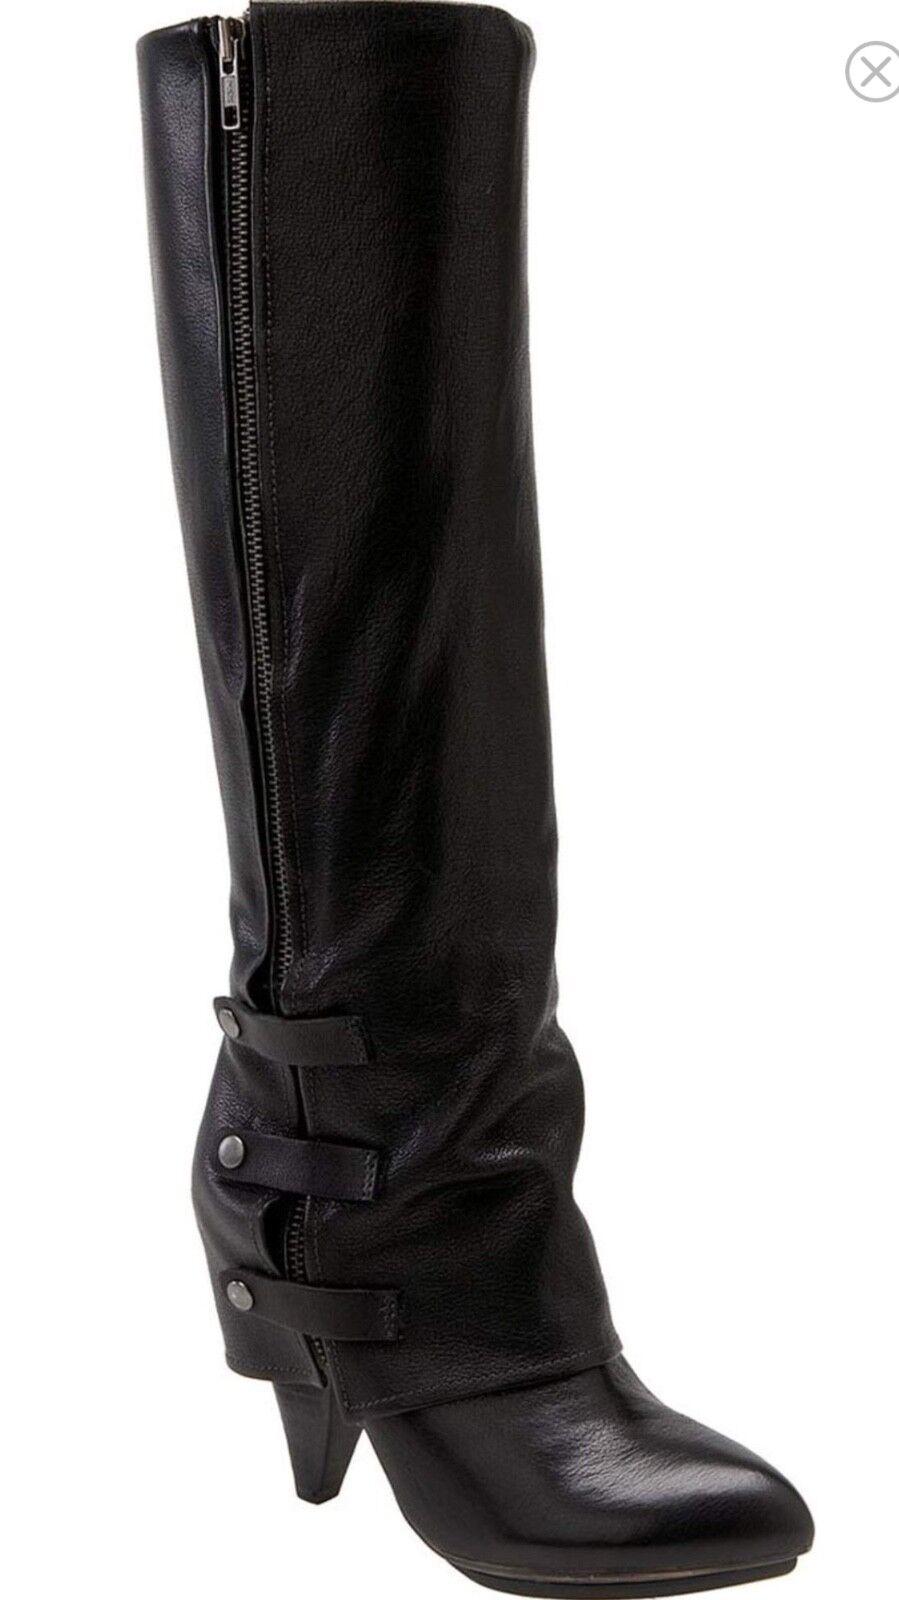 Raro Miss Miss Miss Sixty Harper Negro Cuero botas Talla 40 precio minorista sugerido por el fabricante  260. Sexy 7372cb